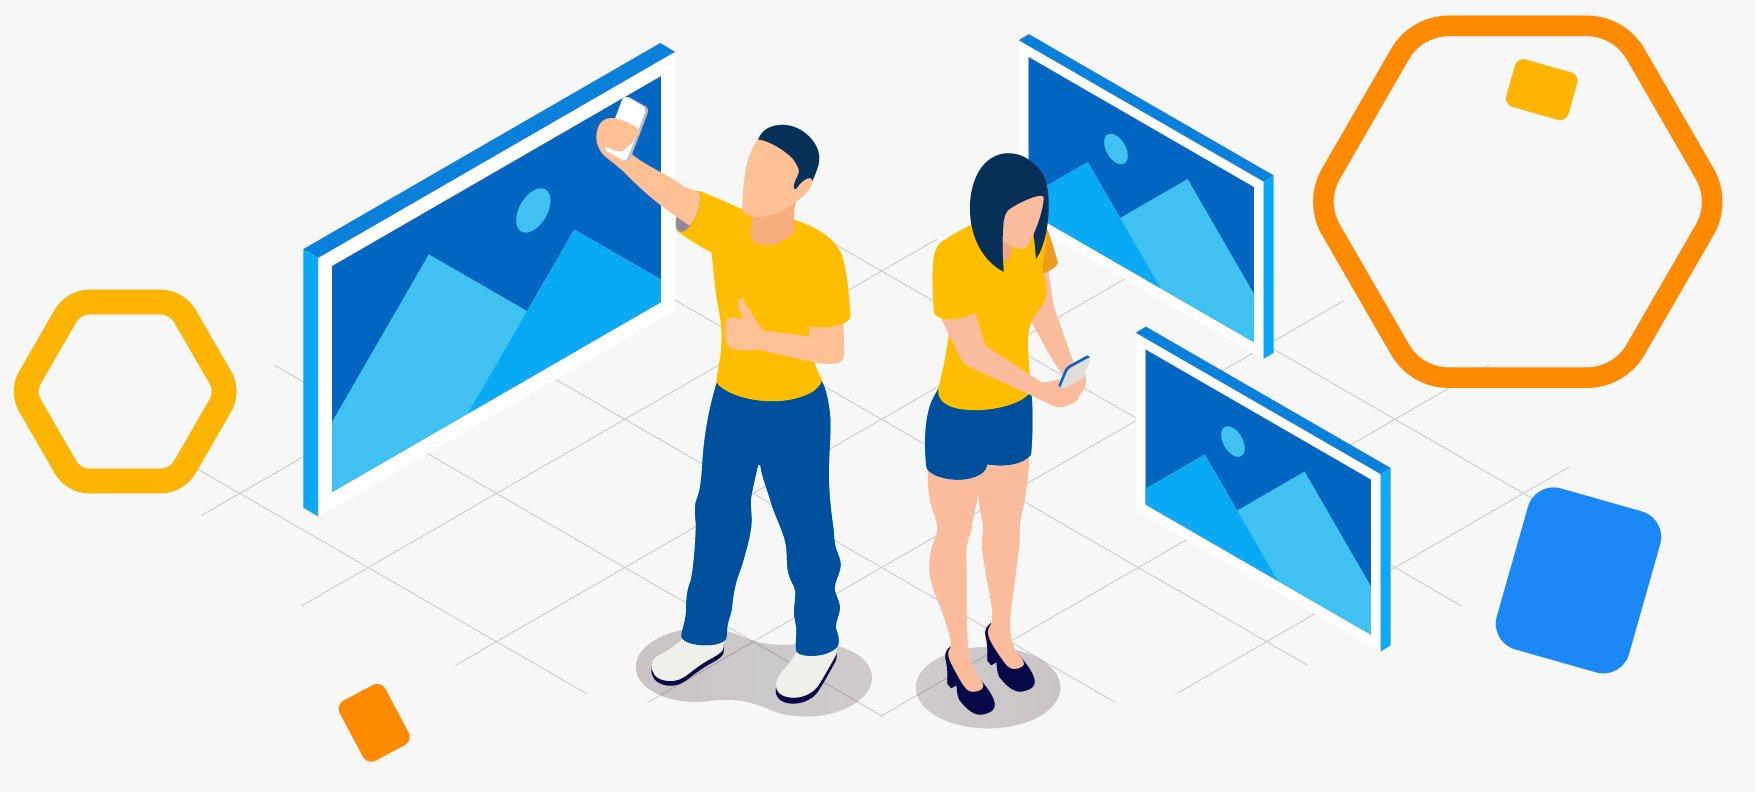 clima-laboral-marca-empleadora-millennials-3